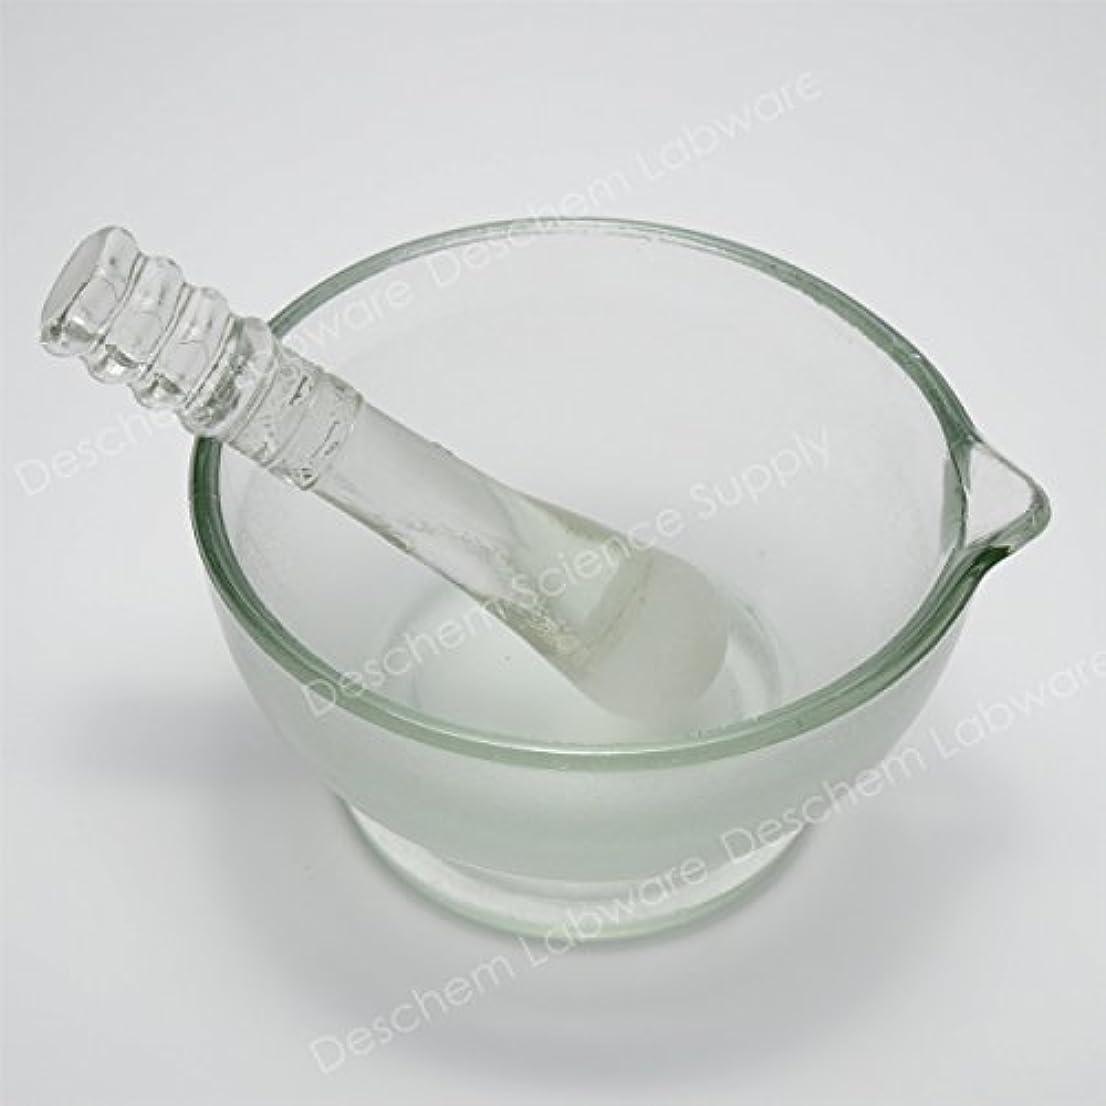 イヤホンサイト買うDeschem 120mm 硼珪酸ガラス 乳鉢 棒付 YB-120